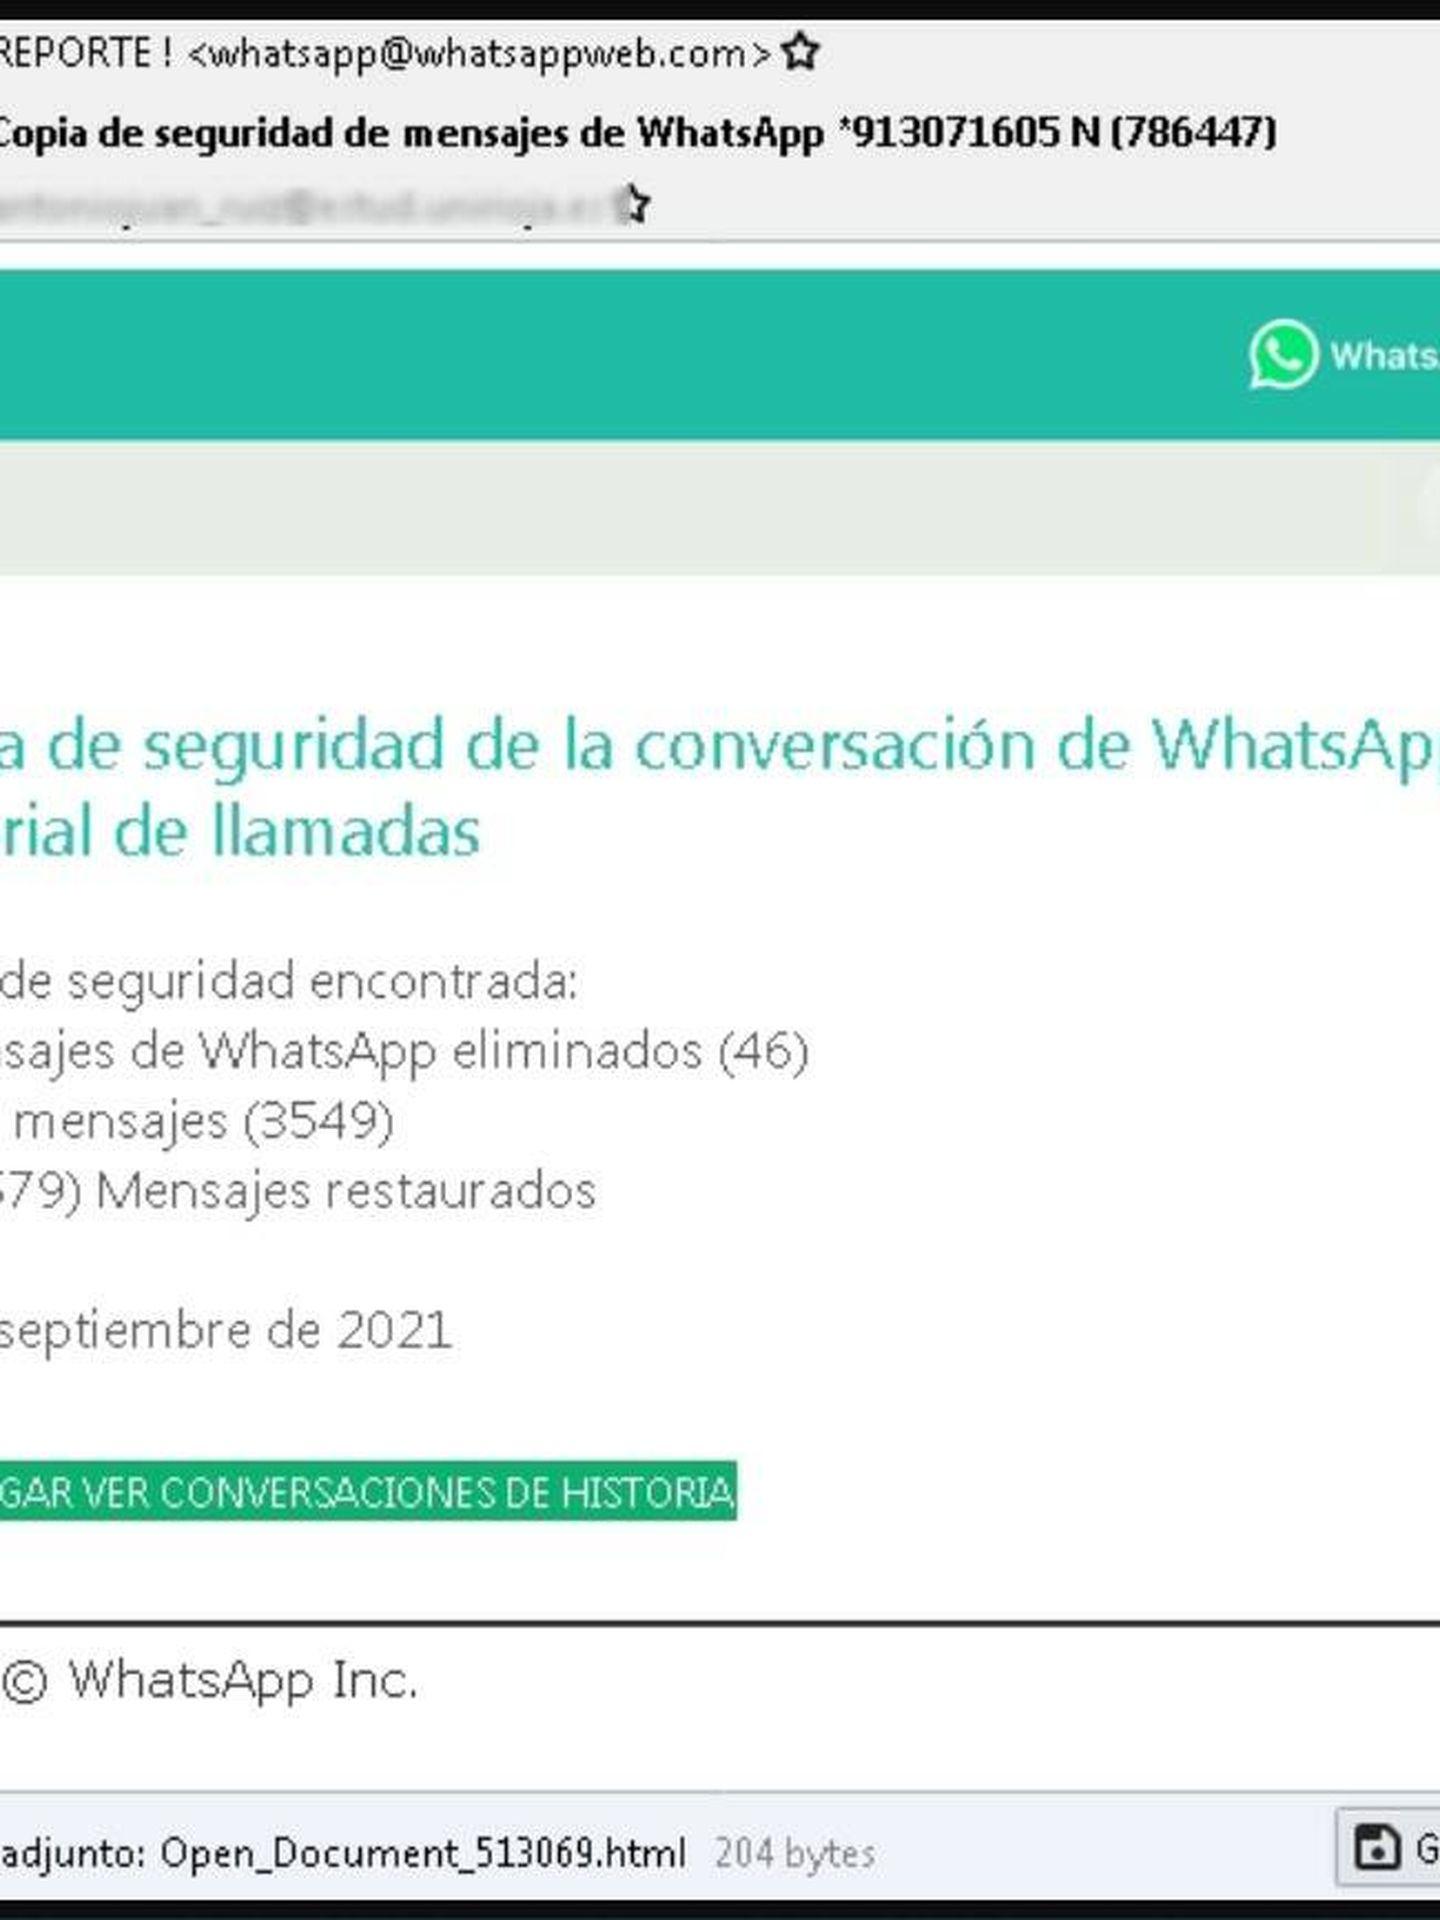 Correo fraudulento haciéndose pasar por WhatsApp. (OSI)